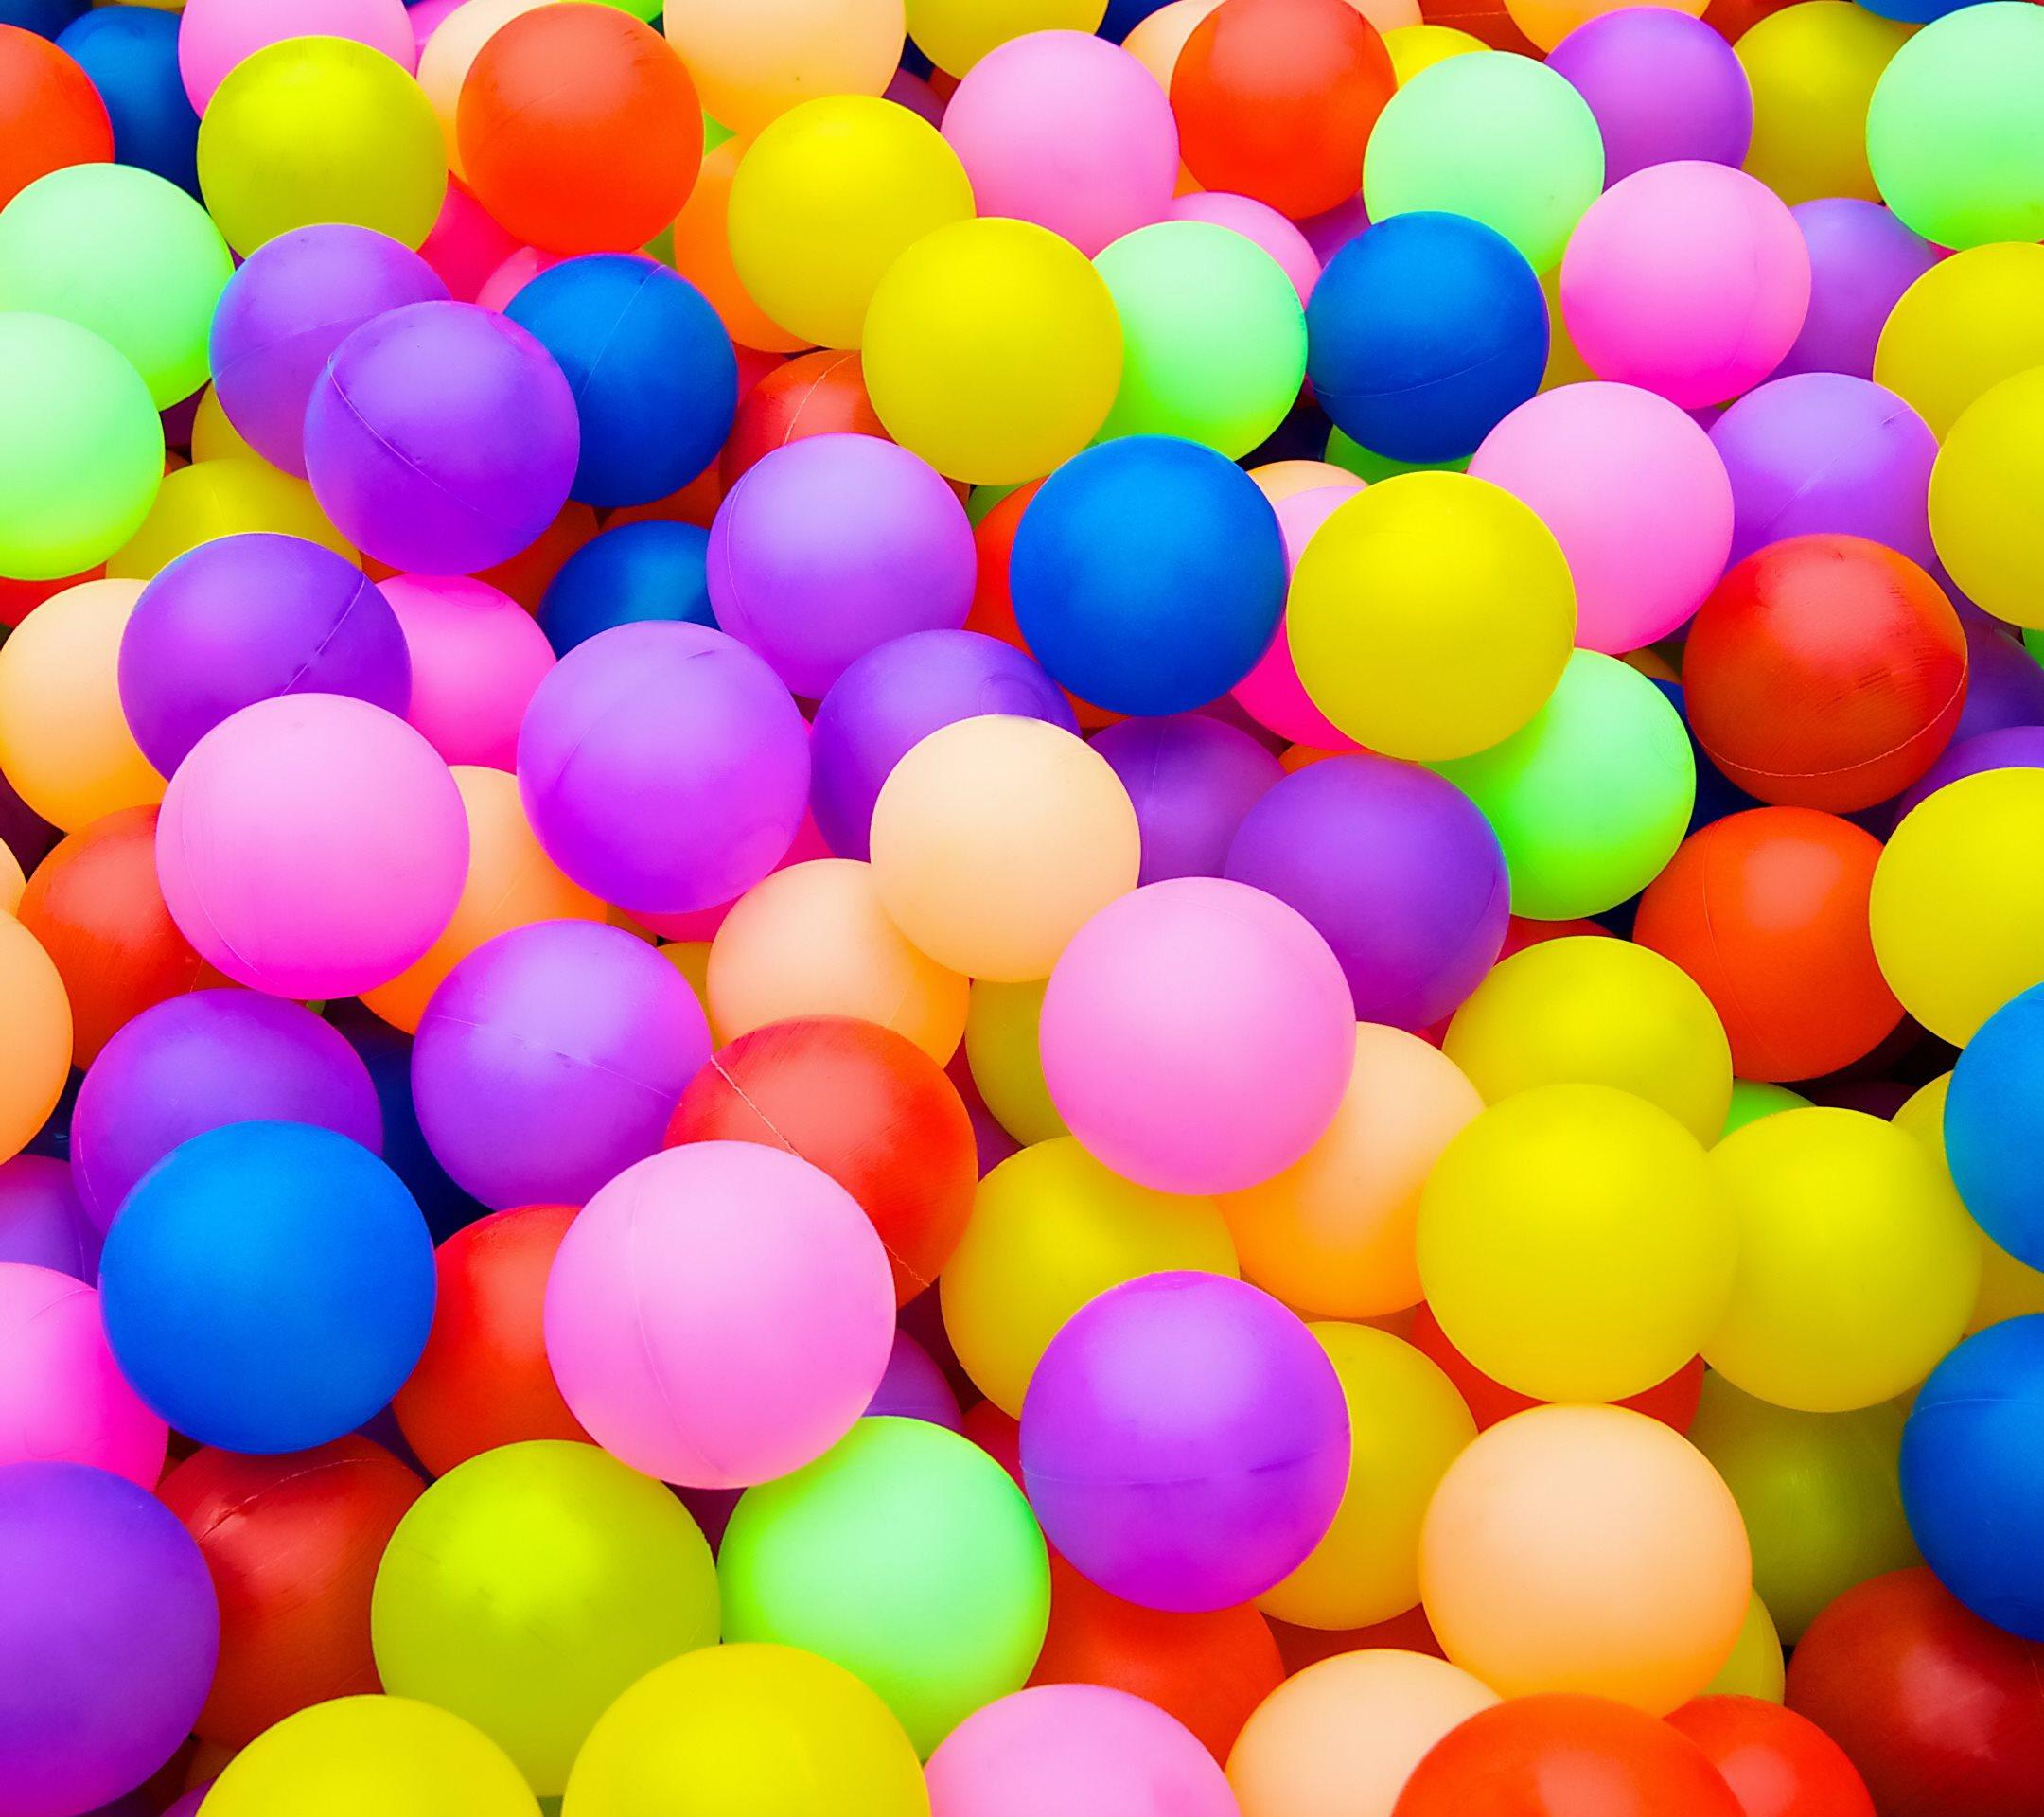 Шары круги цветные  № 3676310 без смс